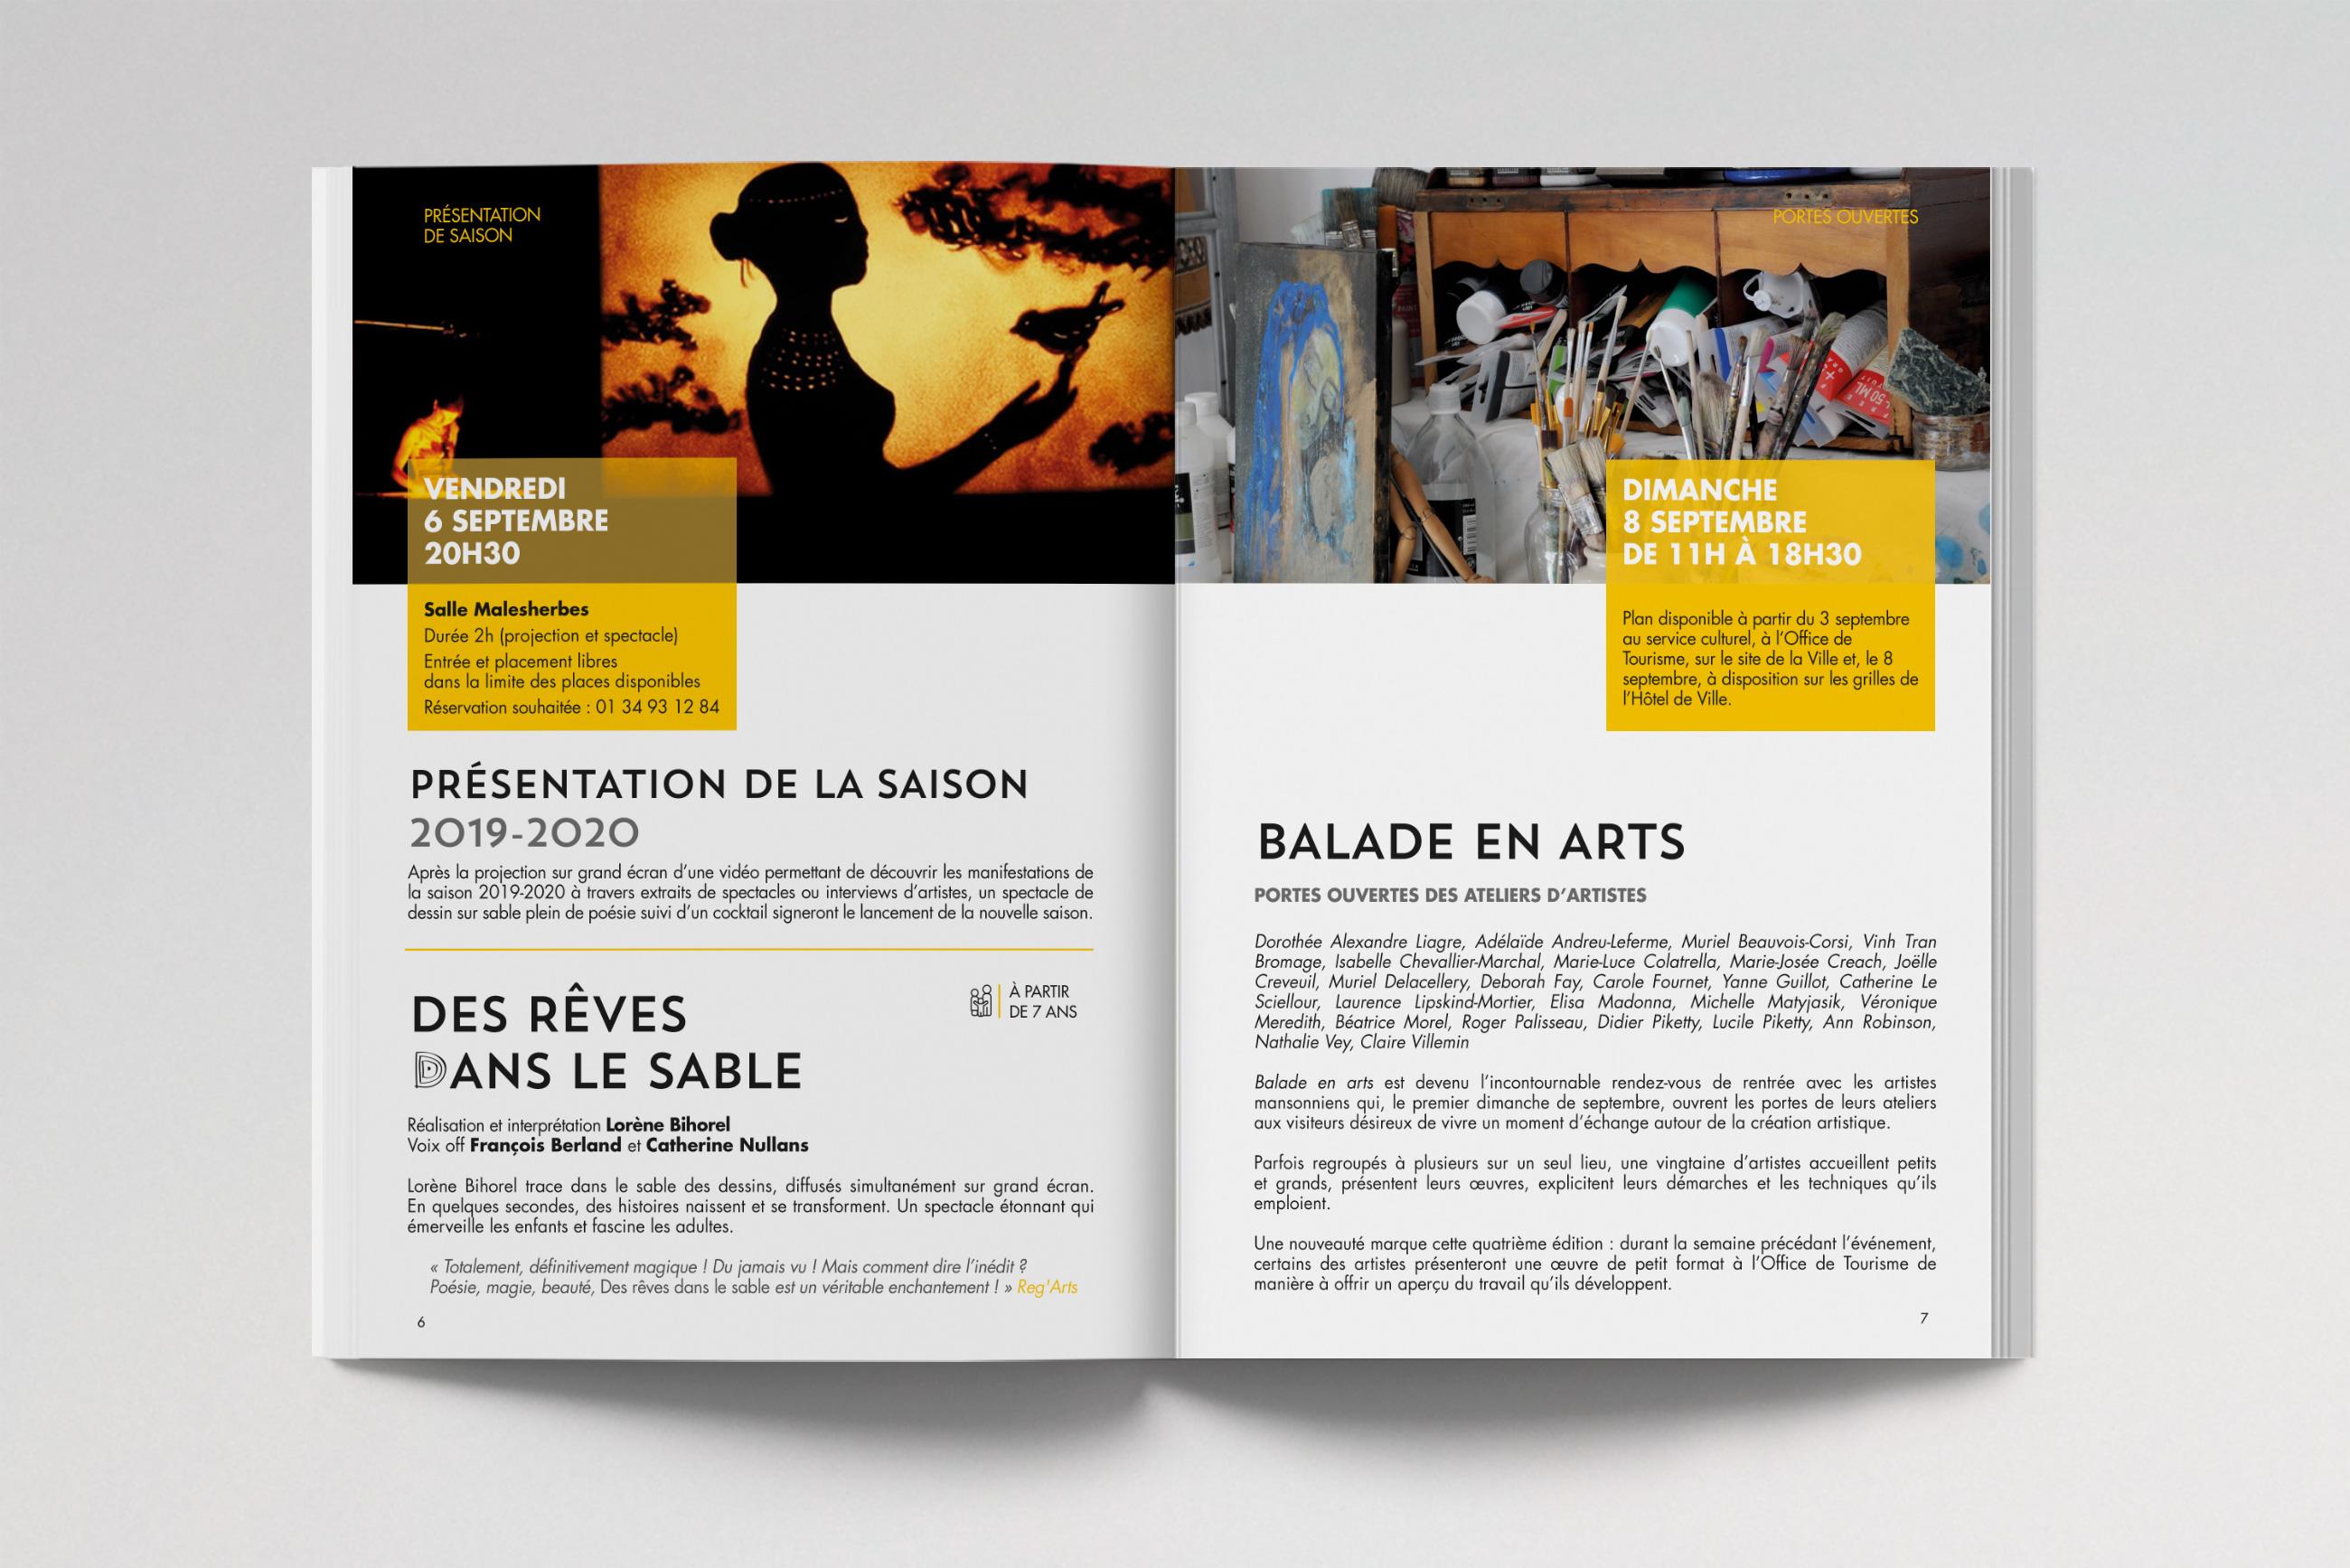 Maisons-Laffitte Saison Culturelle 2019-2020 Programme